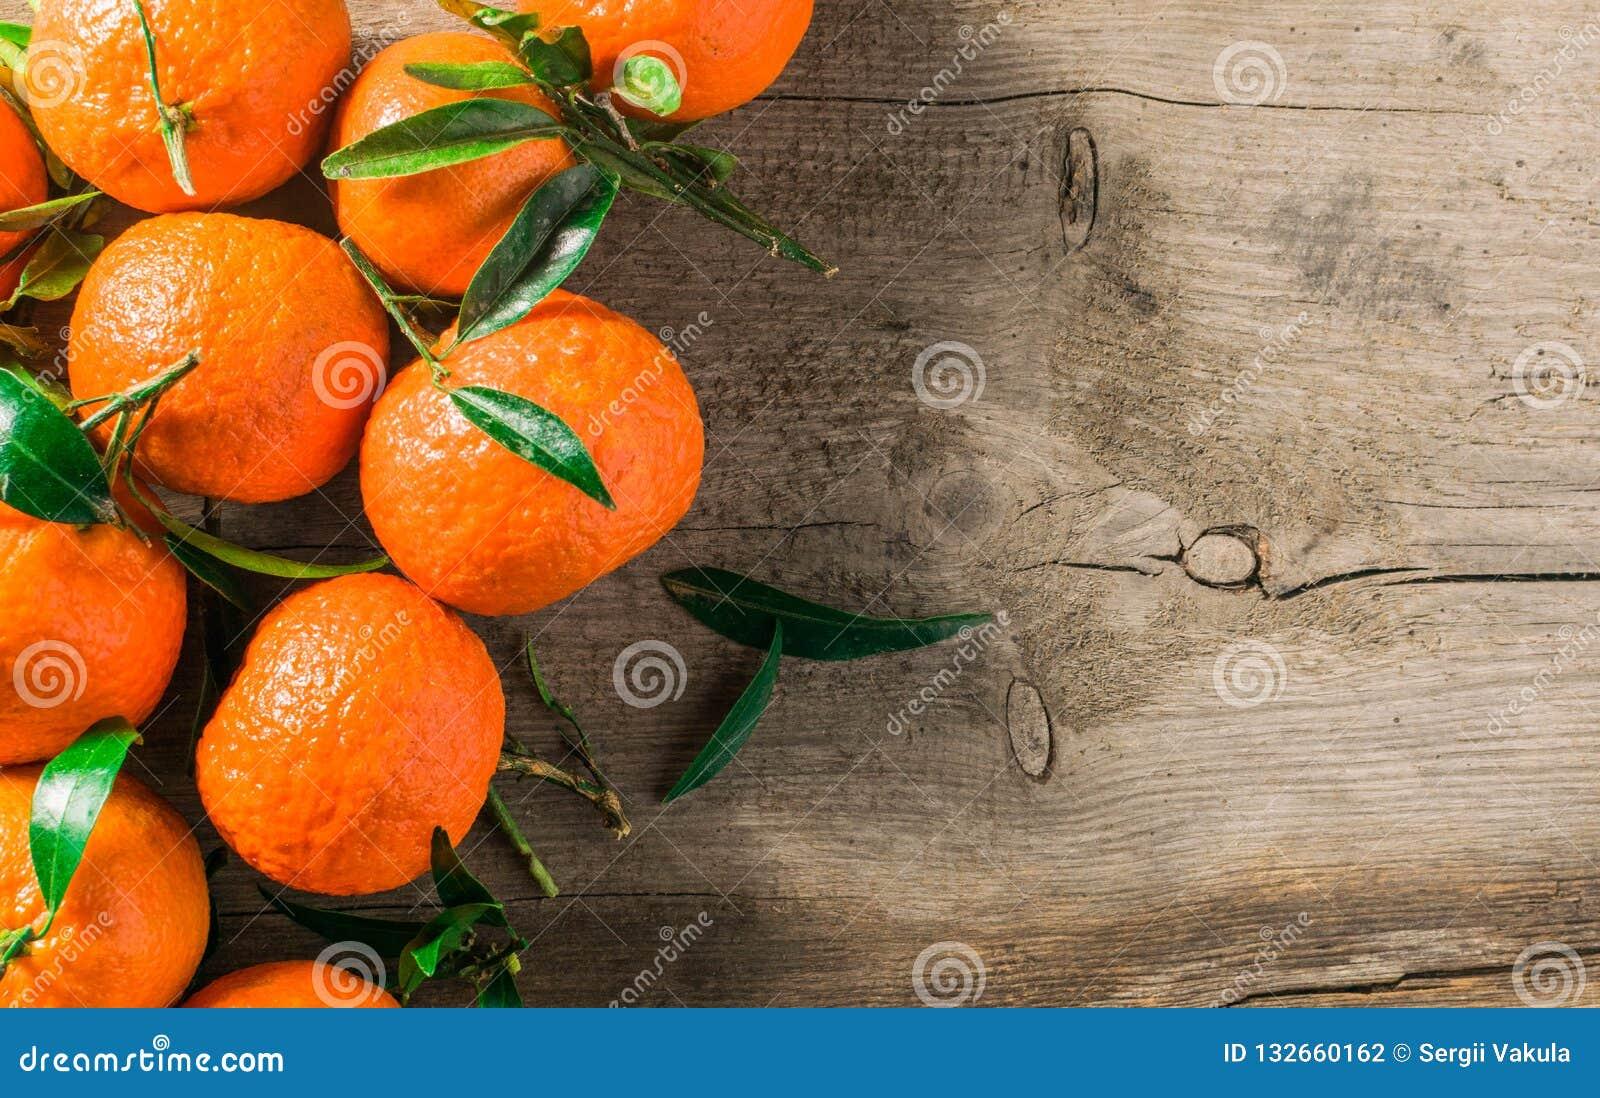 Laranjas das tangerinas, os mandarino, clementina, citrinas com as folhas na cesta sobre o fundo de madeira rústico, espaço da có